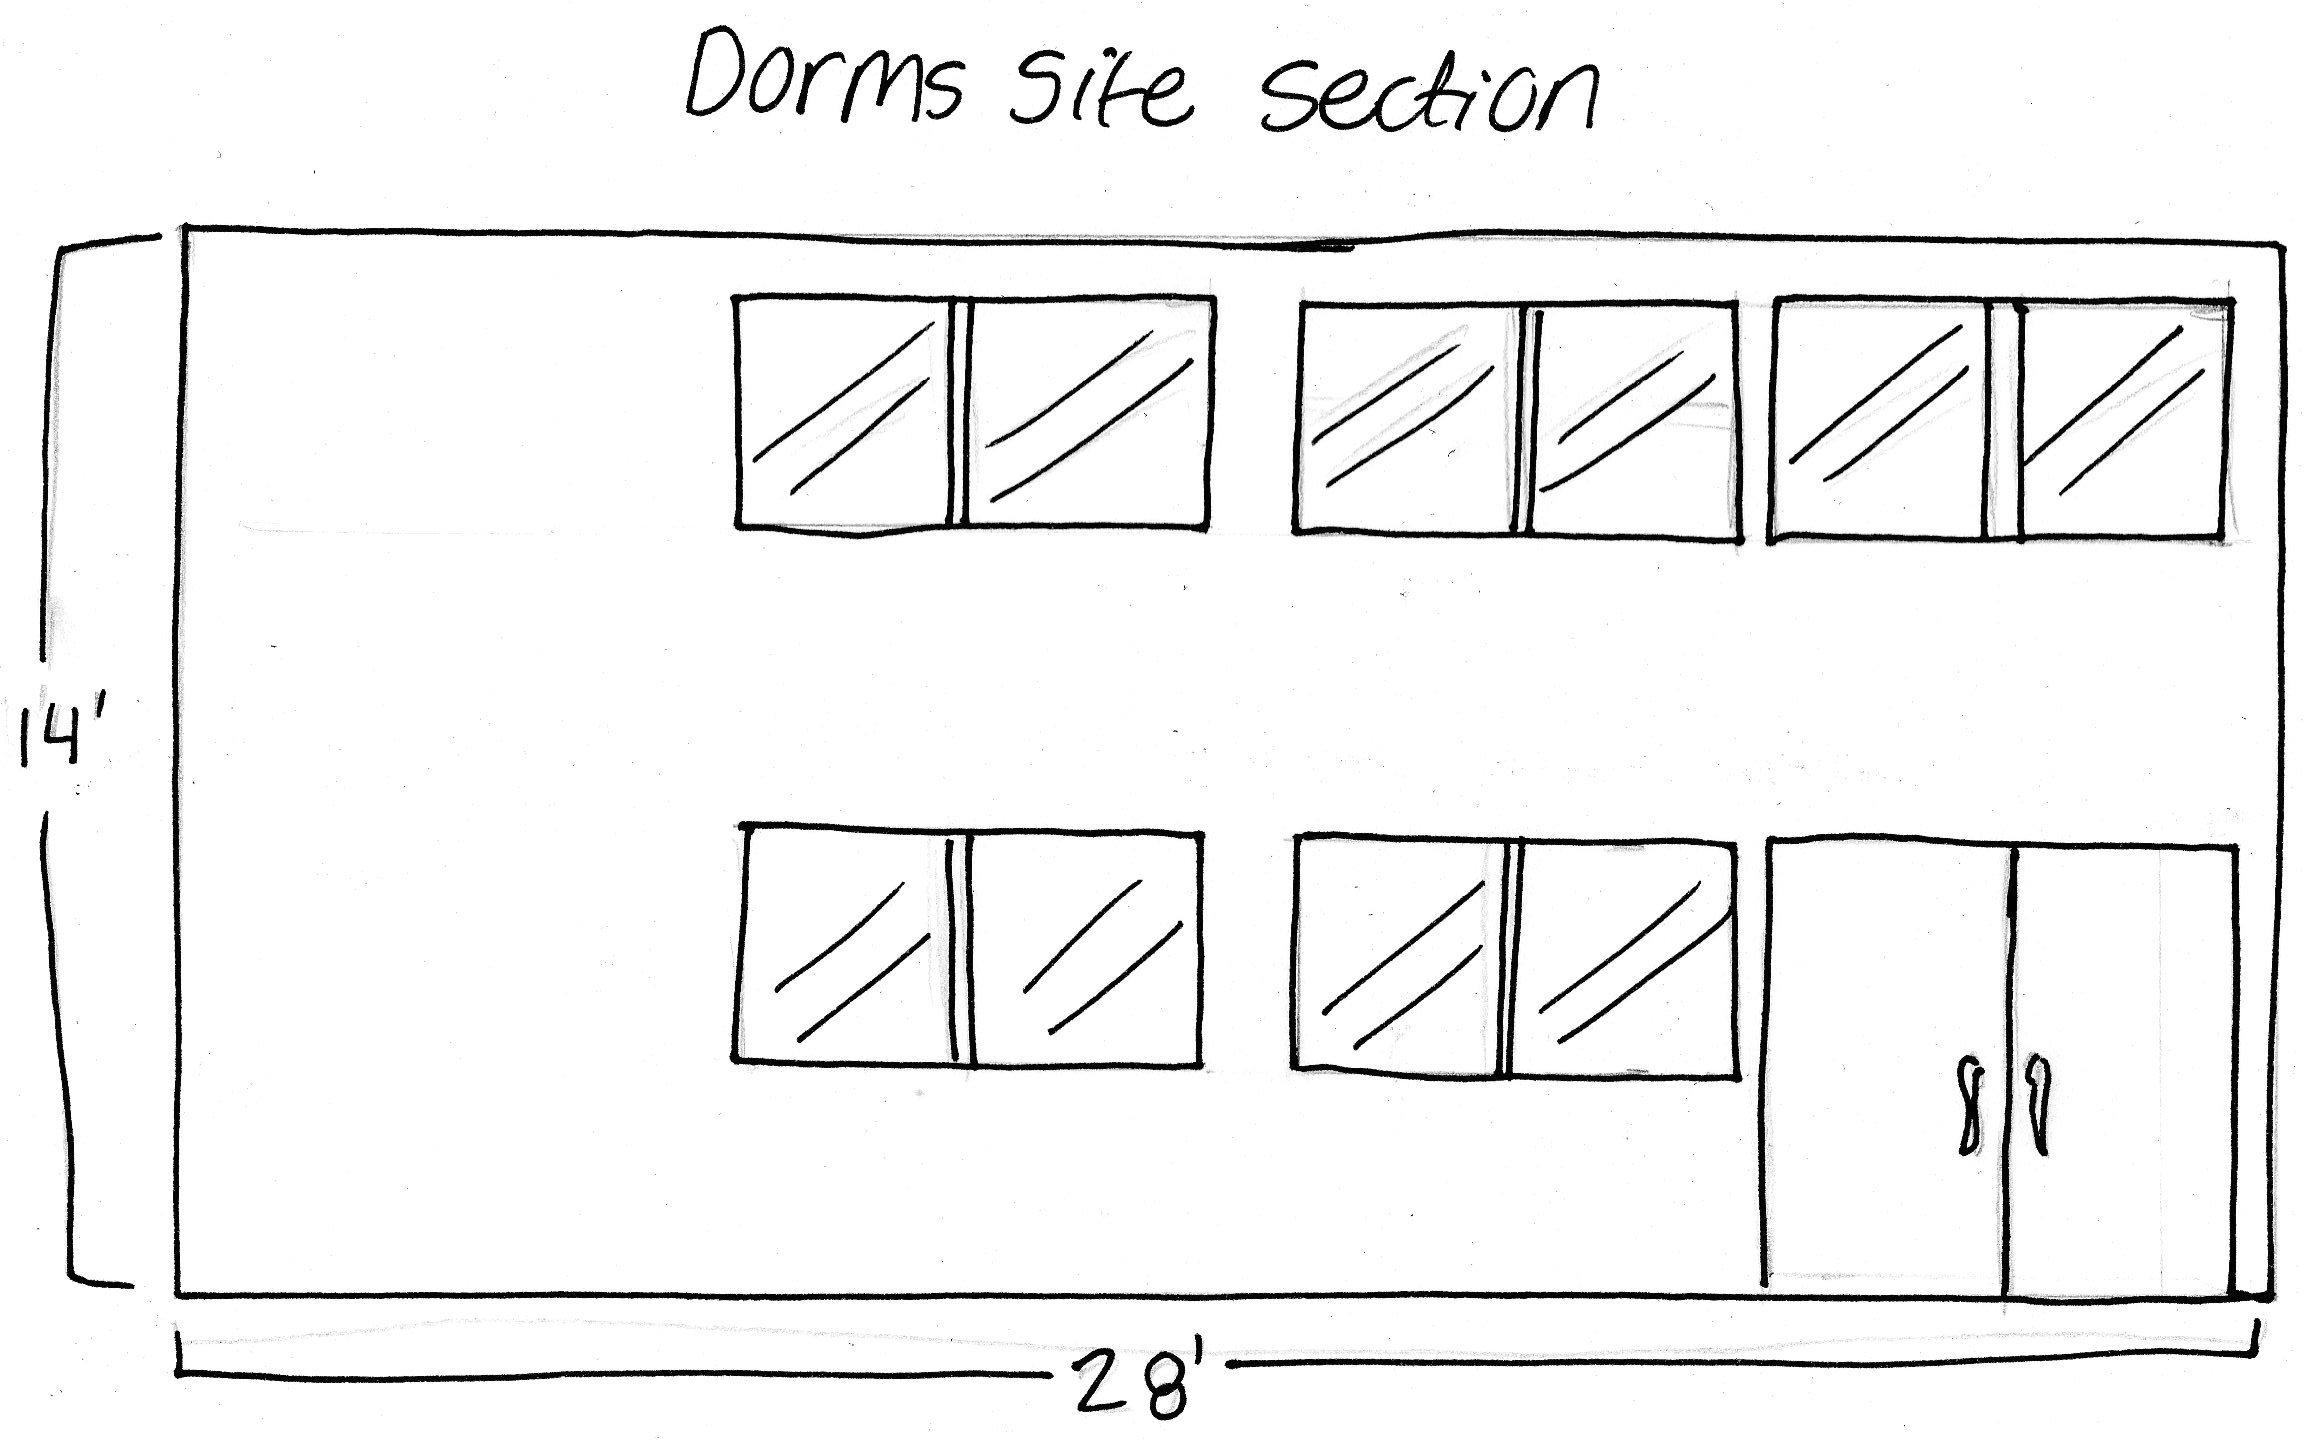 5 DormsSiteSection